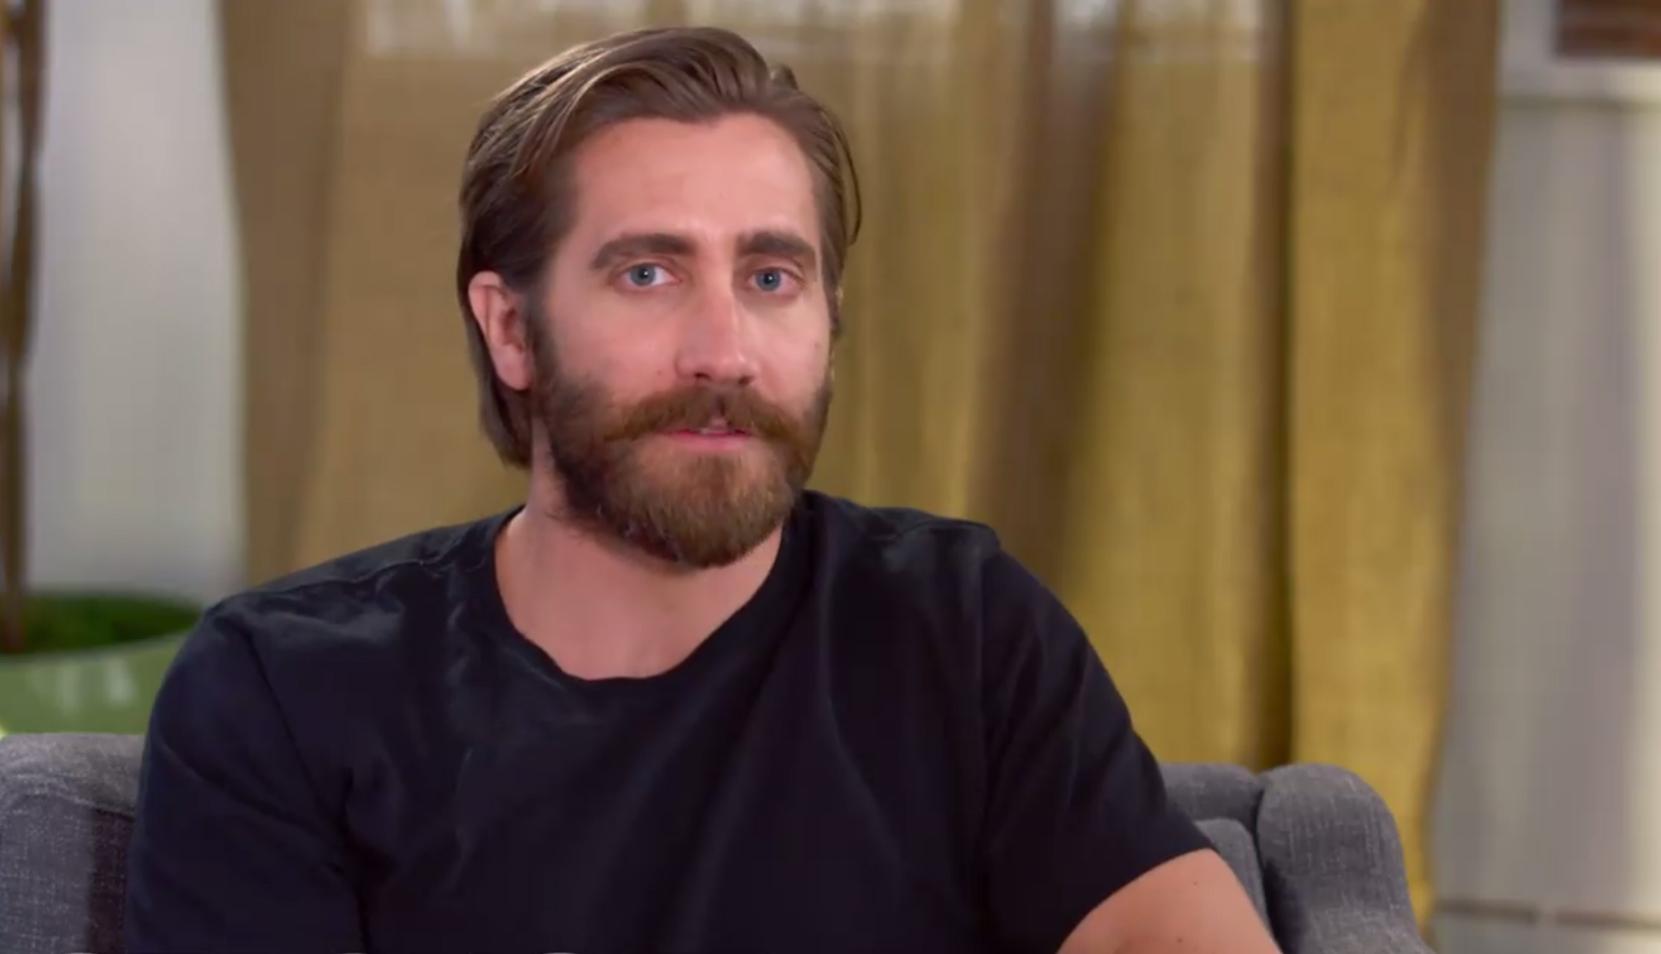 Jake Gyllenhaal is keeping tabs on ex-girlfriend Taylor Swift